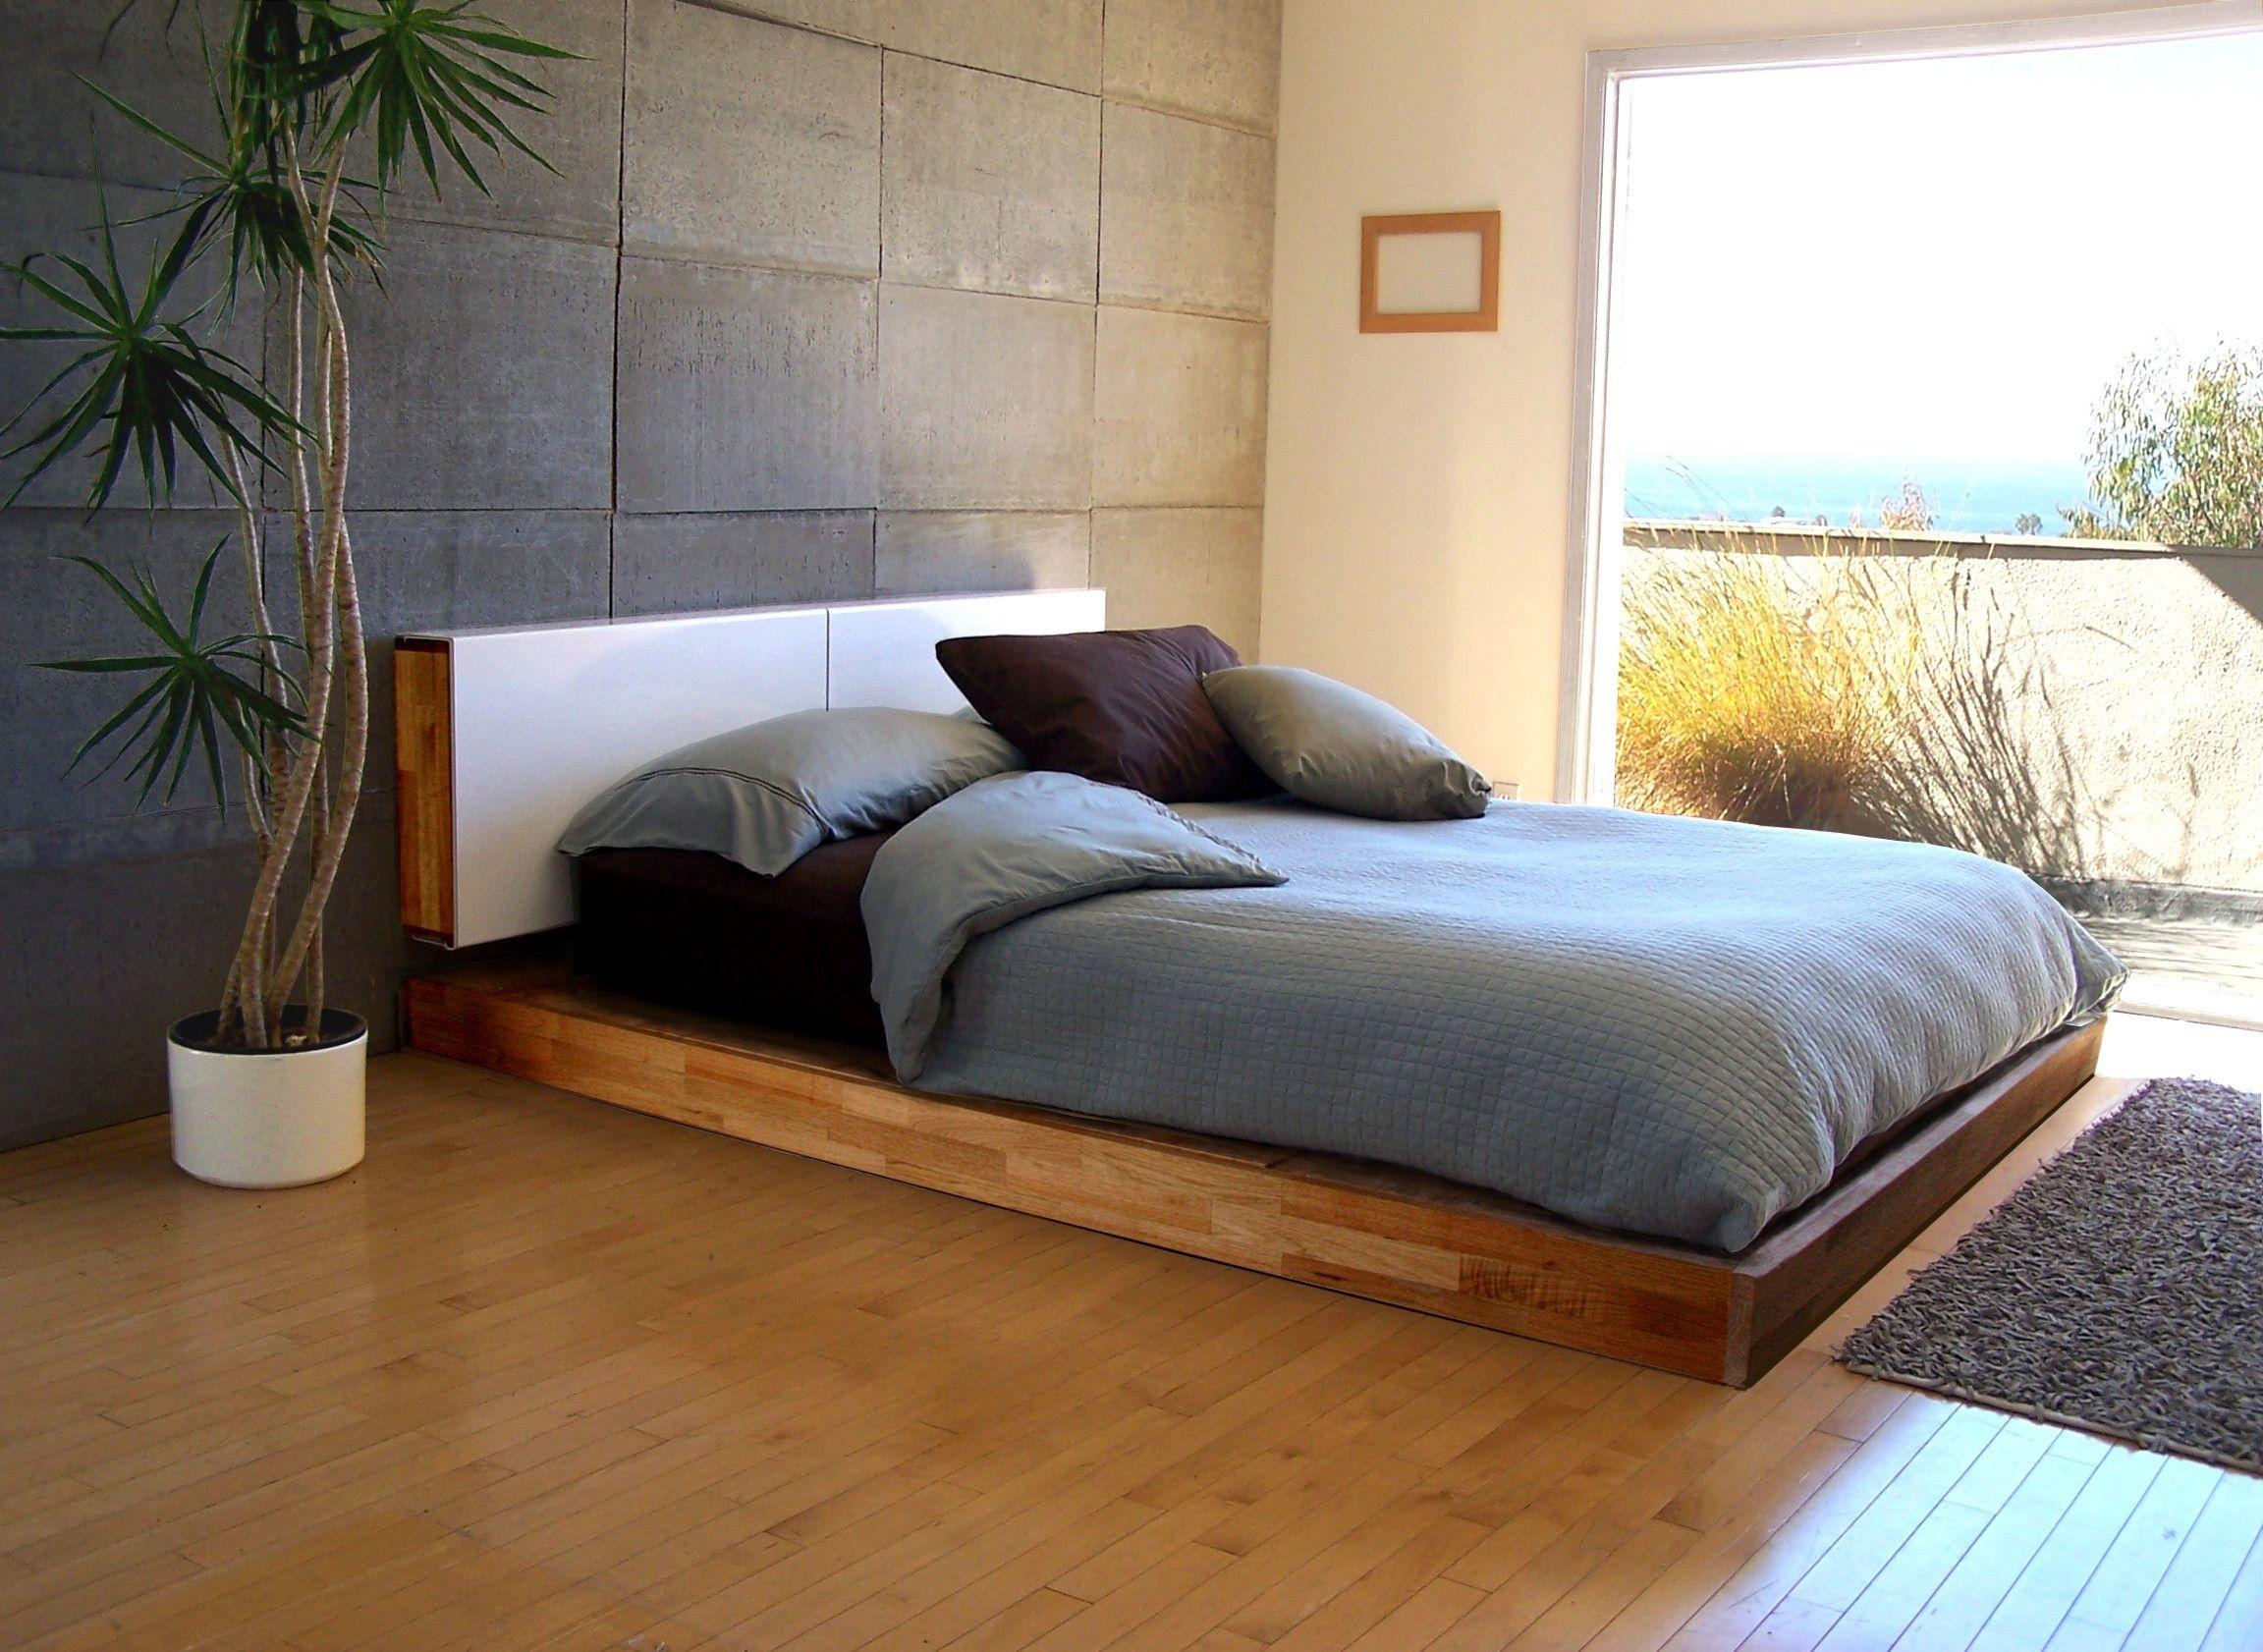 Brown Varnished Teak Wood Low Profile Bed Frame On Laminate Wooden